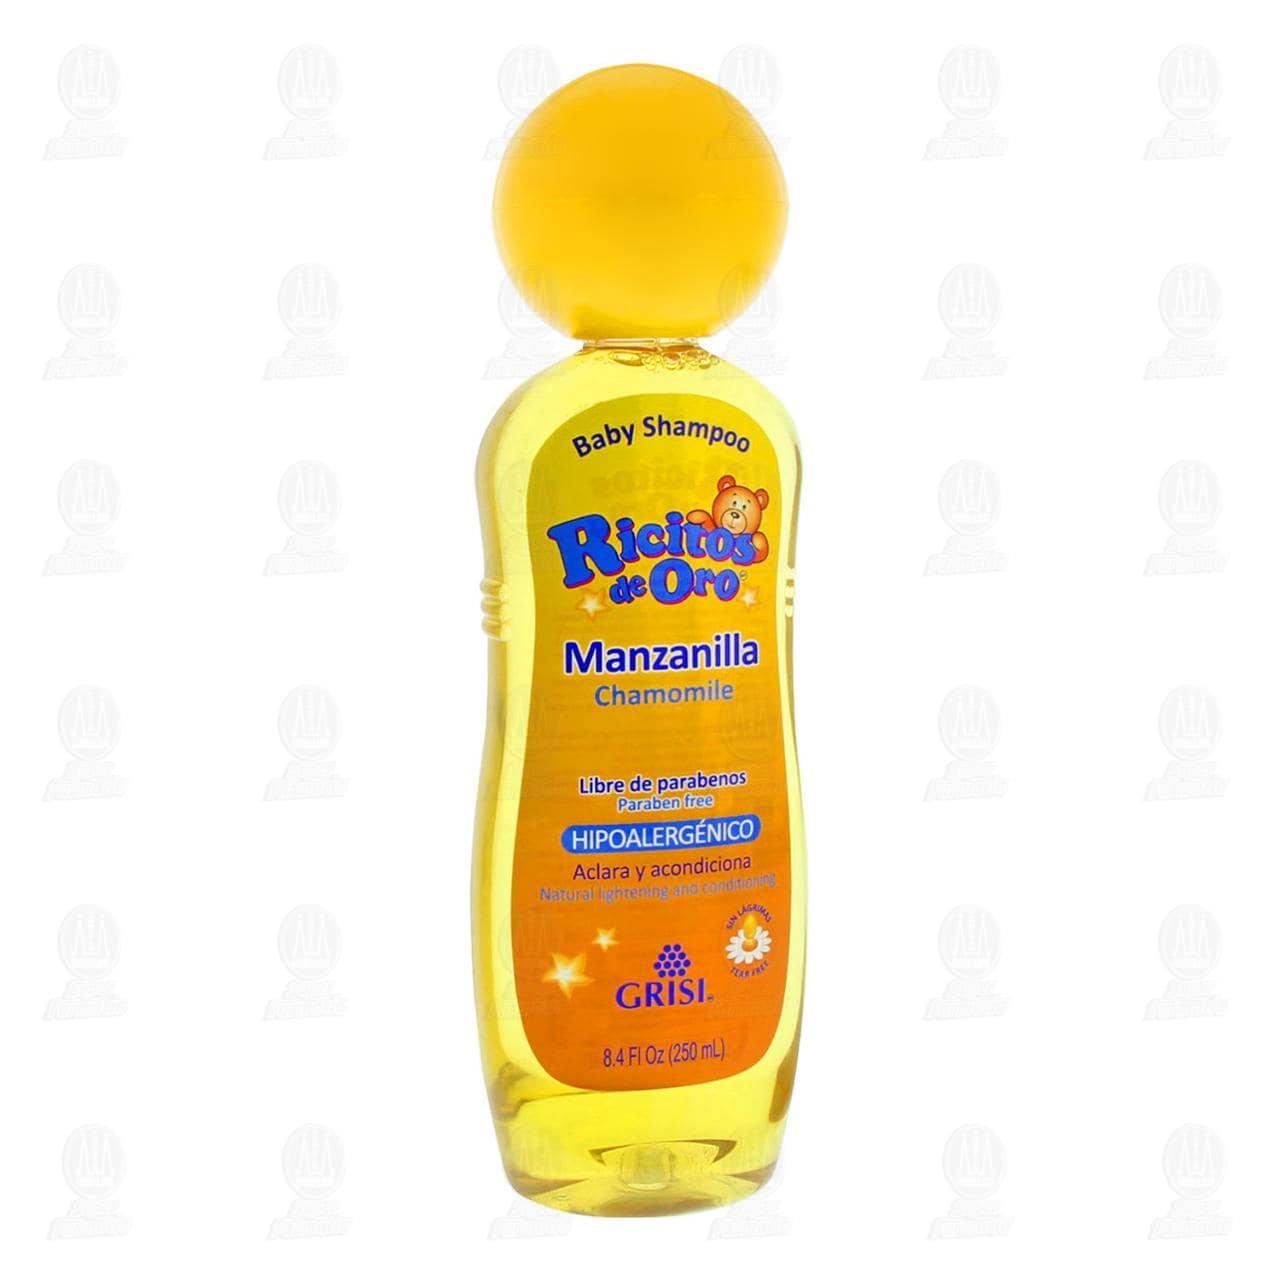 Shampoo para Bebé Grisi Ricitos de Oro con Manzanilla, 250 ml.